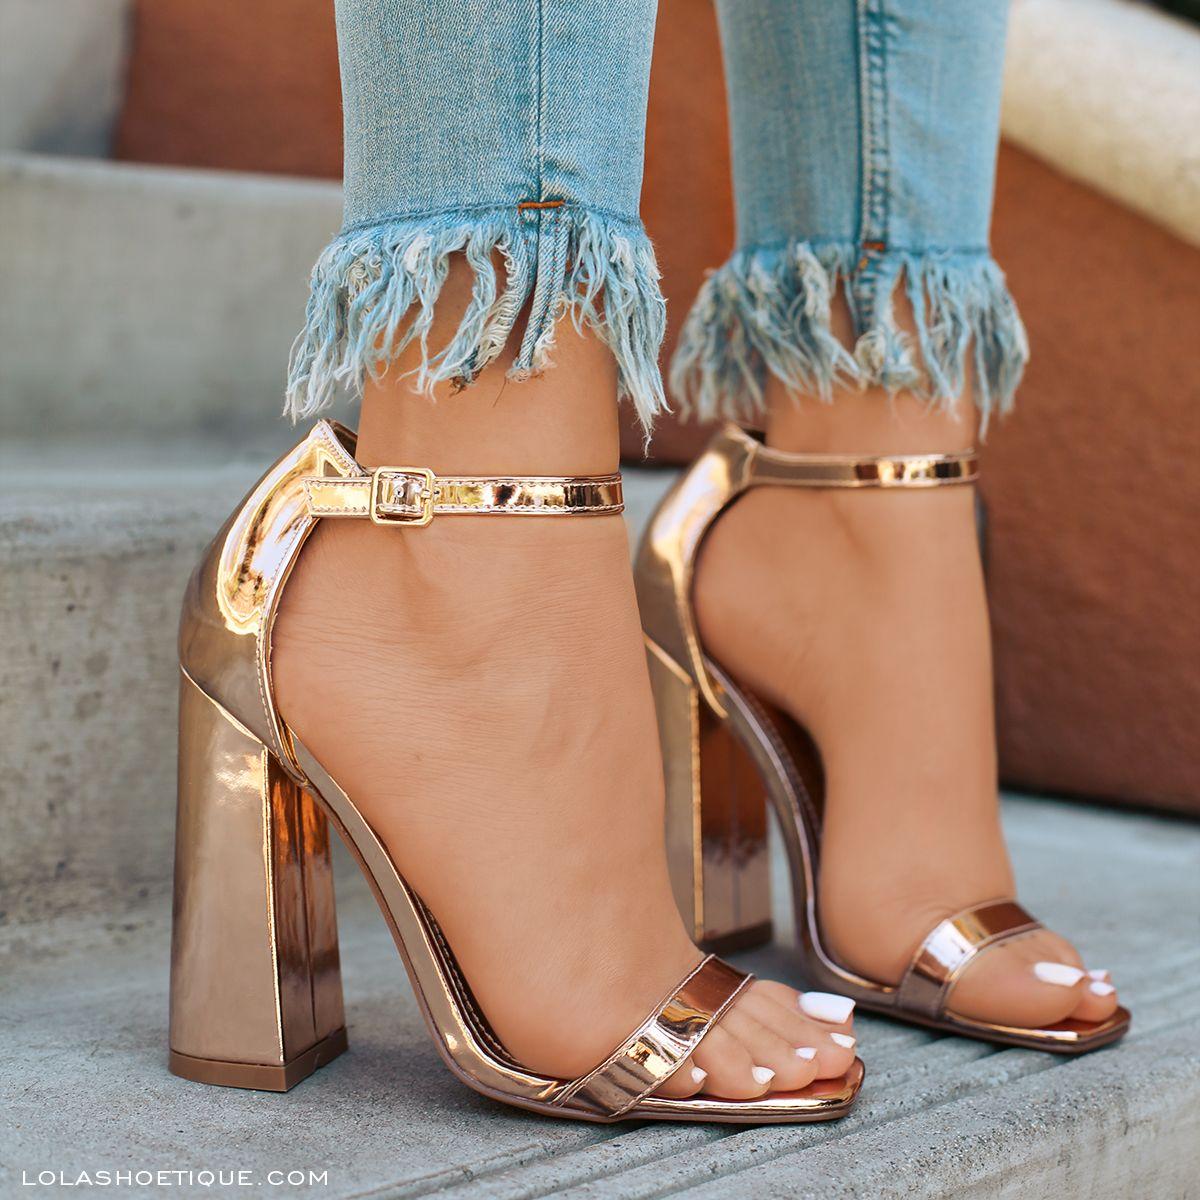 Women 2019beautyShoesGold Women In In Women Shoes 2019beautyShoesGold Shoes Shoes erdxoWCB